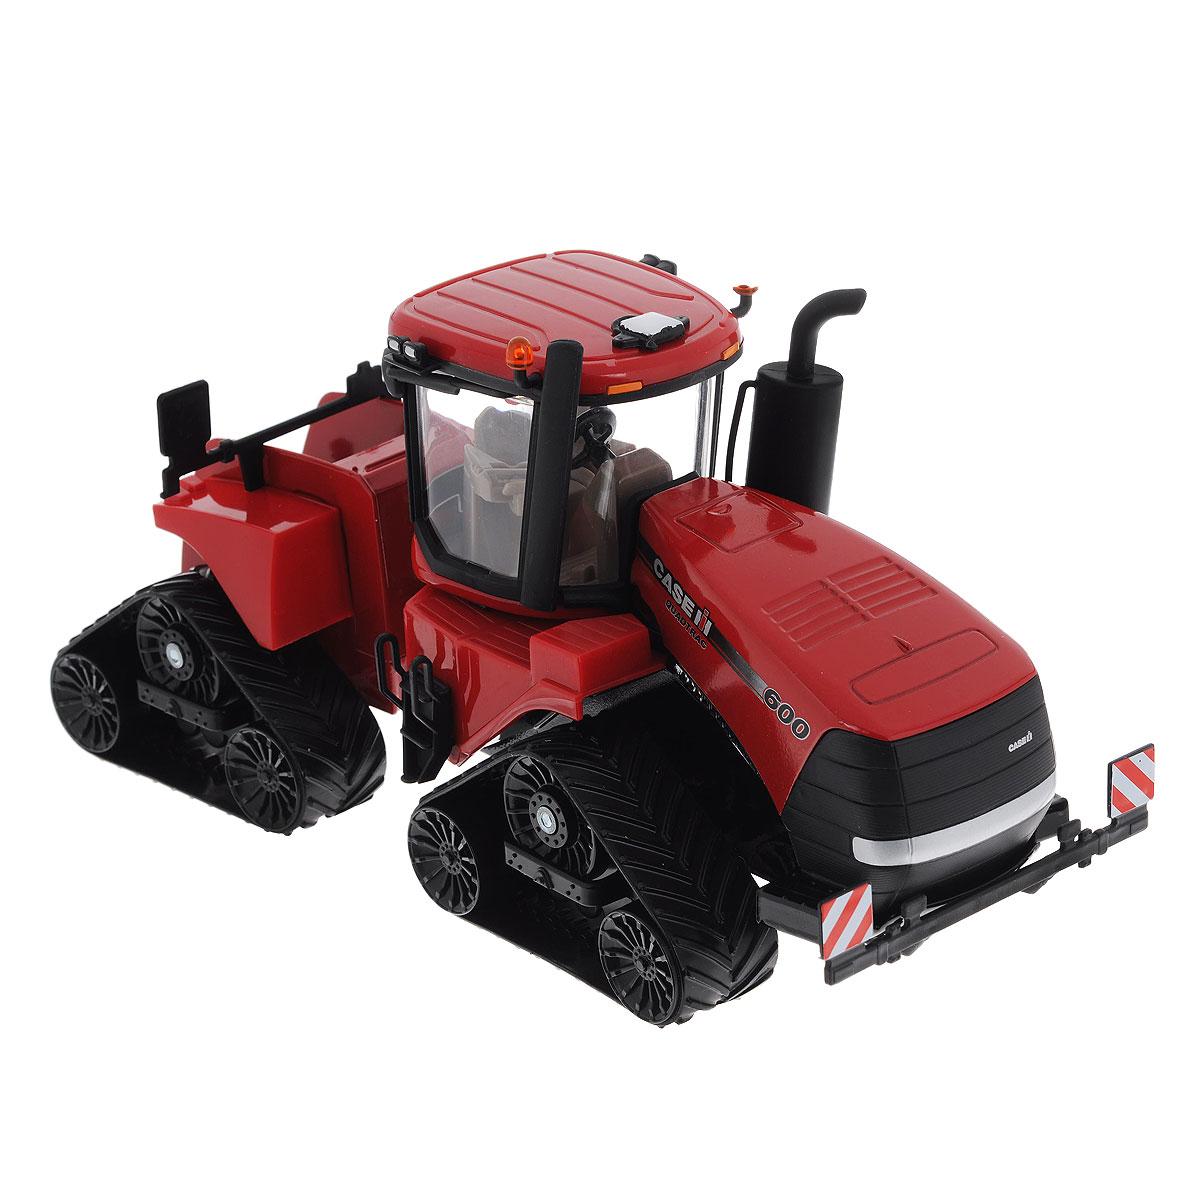 Siku Трактор Case IH Quadtrac 6003275Коллекционная модель Siku Трактор Case IH Quadtrac 600 выполнена в виде точной копии гусеничного трактора в масштабе 1/32. Такая модель понравится не только ребенку, но и взрослому коллекционеру и приятно удивит вас высочайшим качеством исполнения. Корпус трактора выполнен из металла, кабина из пластика, а стекла кабины трактора из прозрачного пластика. Трактор снабжен гусеничным механизмом со свободным ходом, что обеспечивает игрушке устойчивость и хорошую проходимость. Кабина трактора снимается. Колесики модели вращаются. Коллекционная модель отличается великолепным качеством исполнения и детальной проработкой, она станет не только интересной игрушкой для ребенка, интересующегося агротехникой, но и займет достойное место в коллекции.